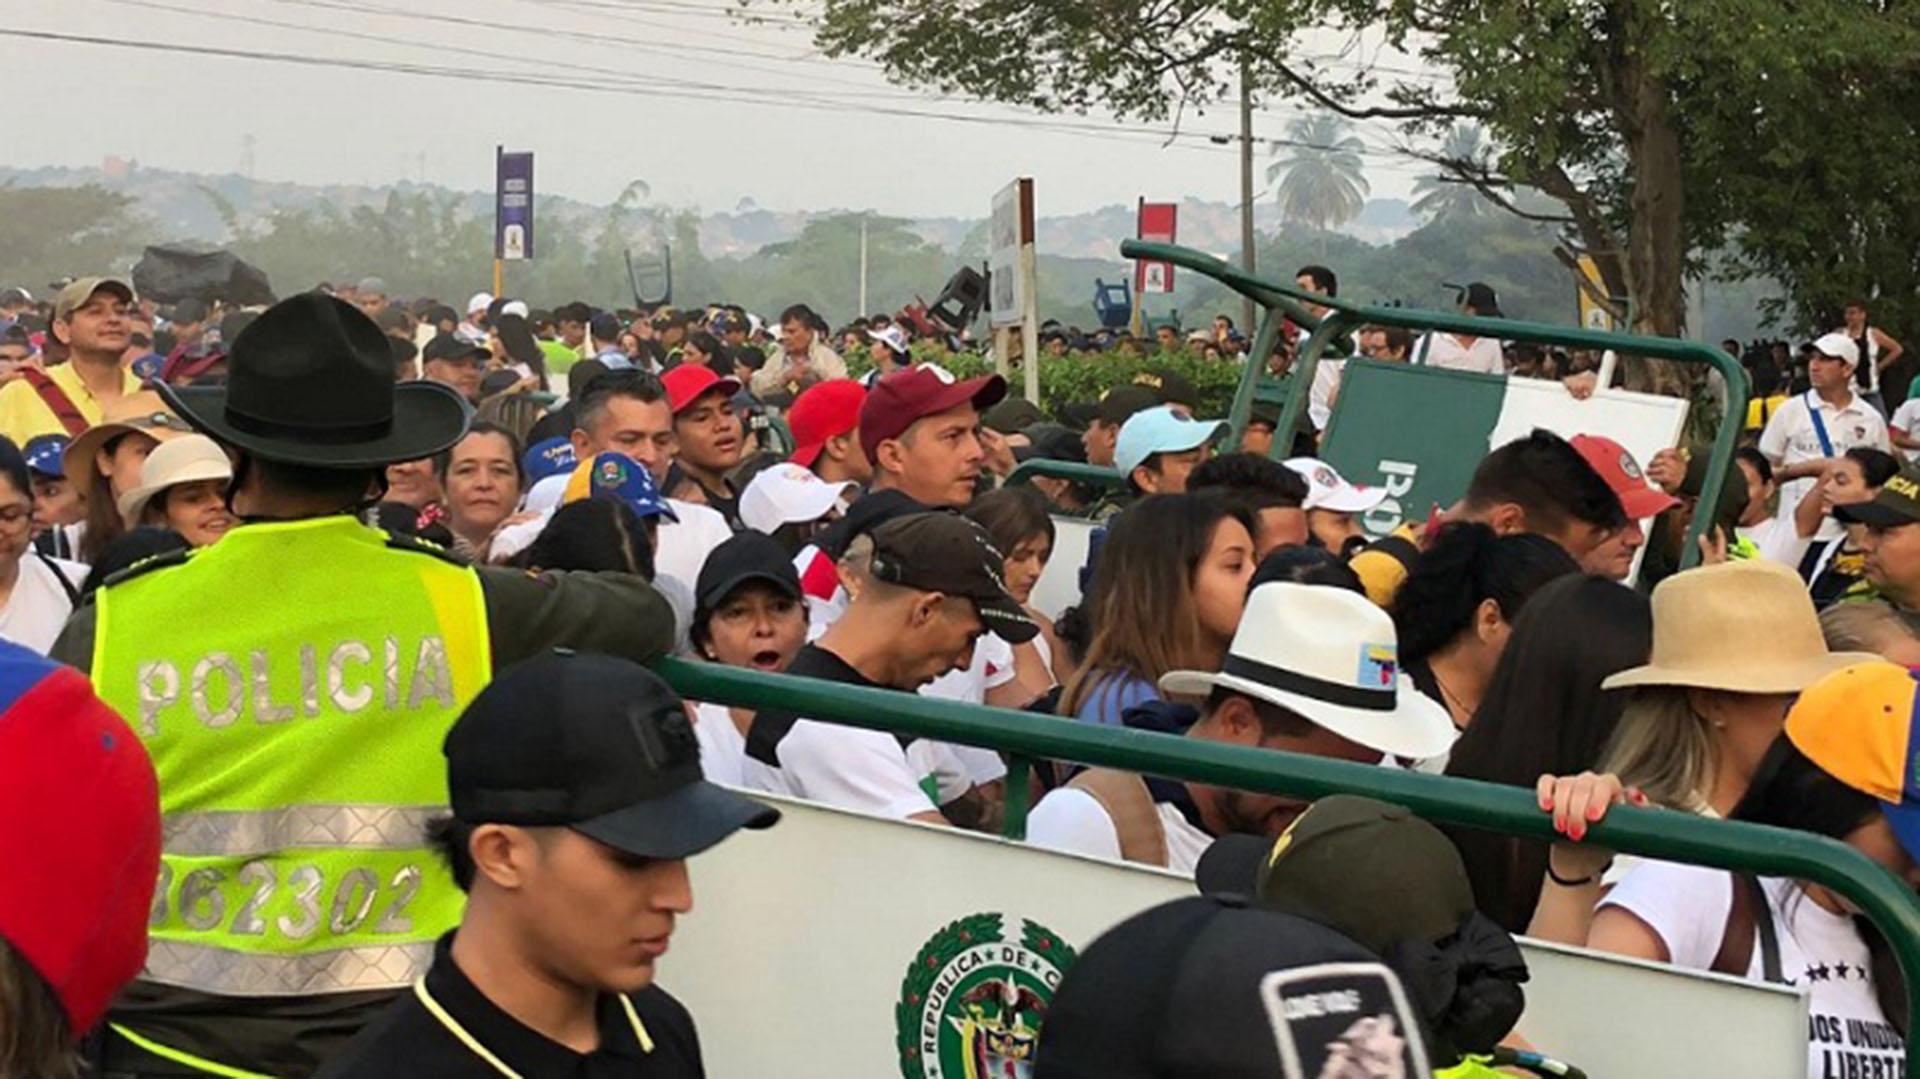 Miles de personas estaban esperando tras acampar durante la noche cerca de las vallas (Twitter: @NoticiasRCN)